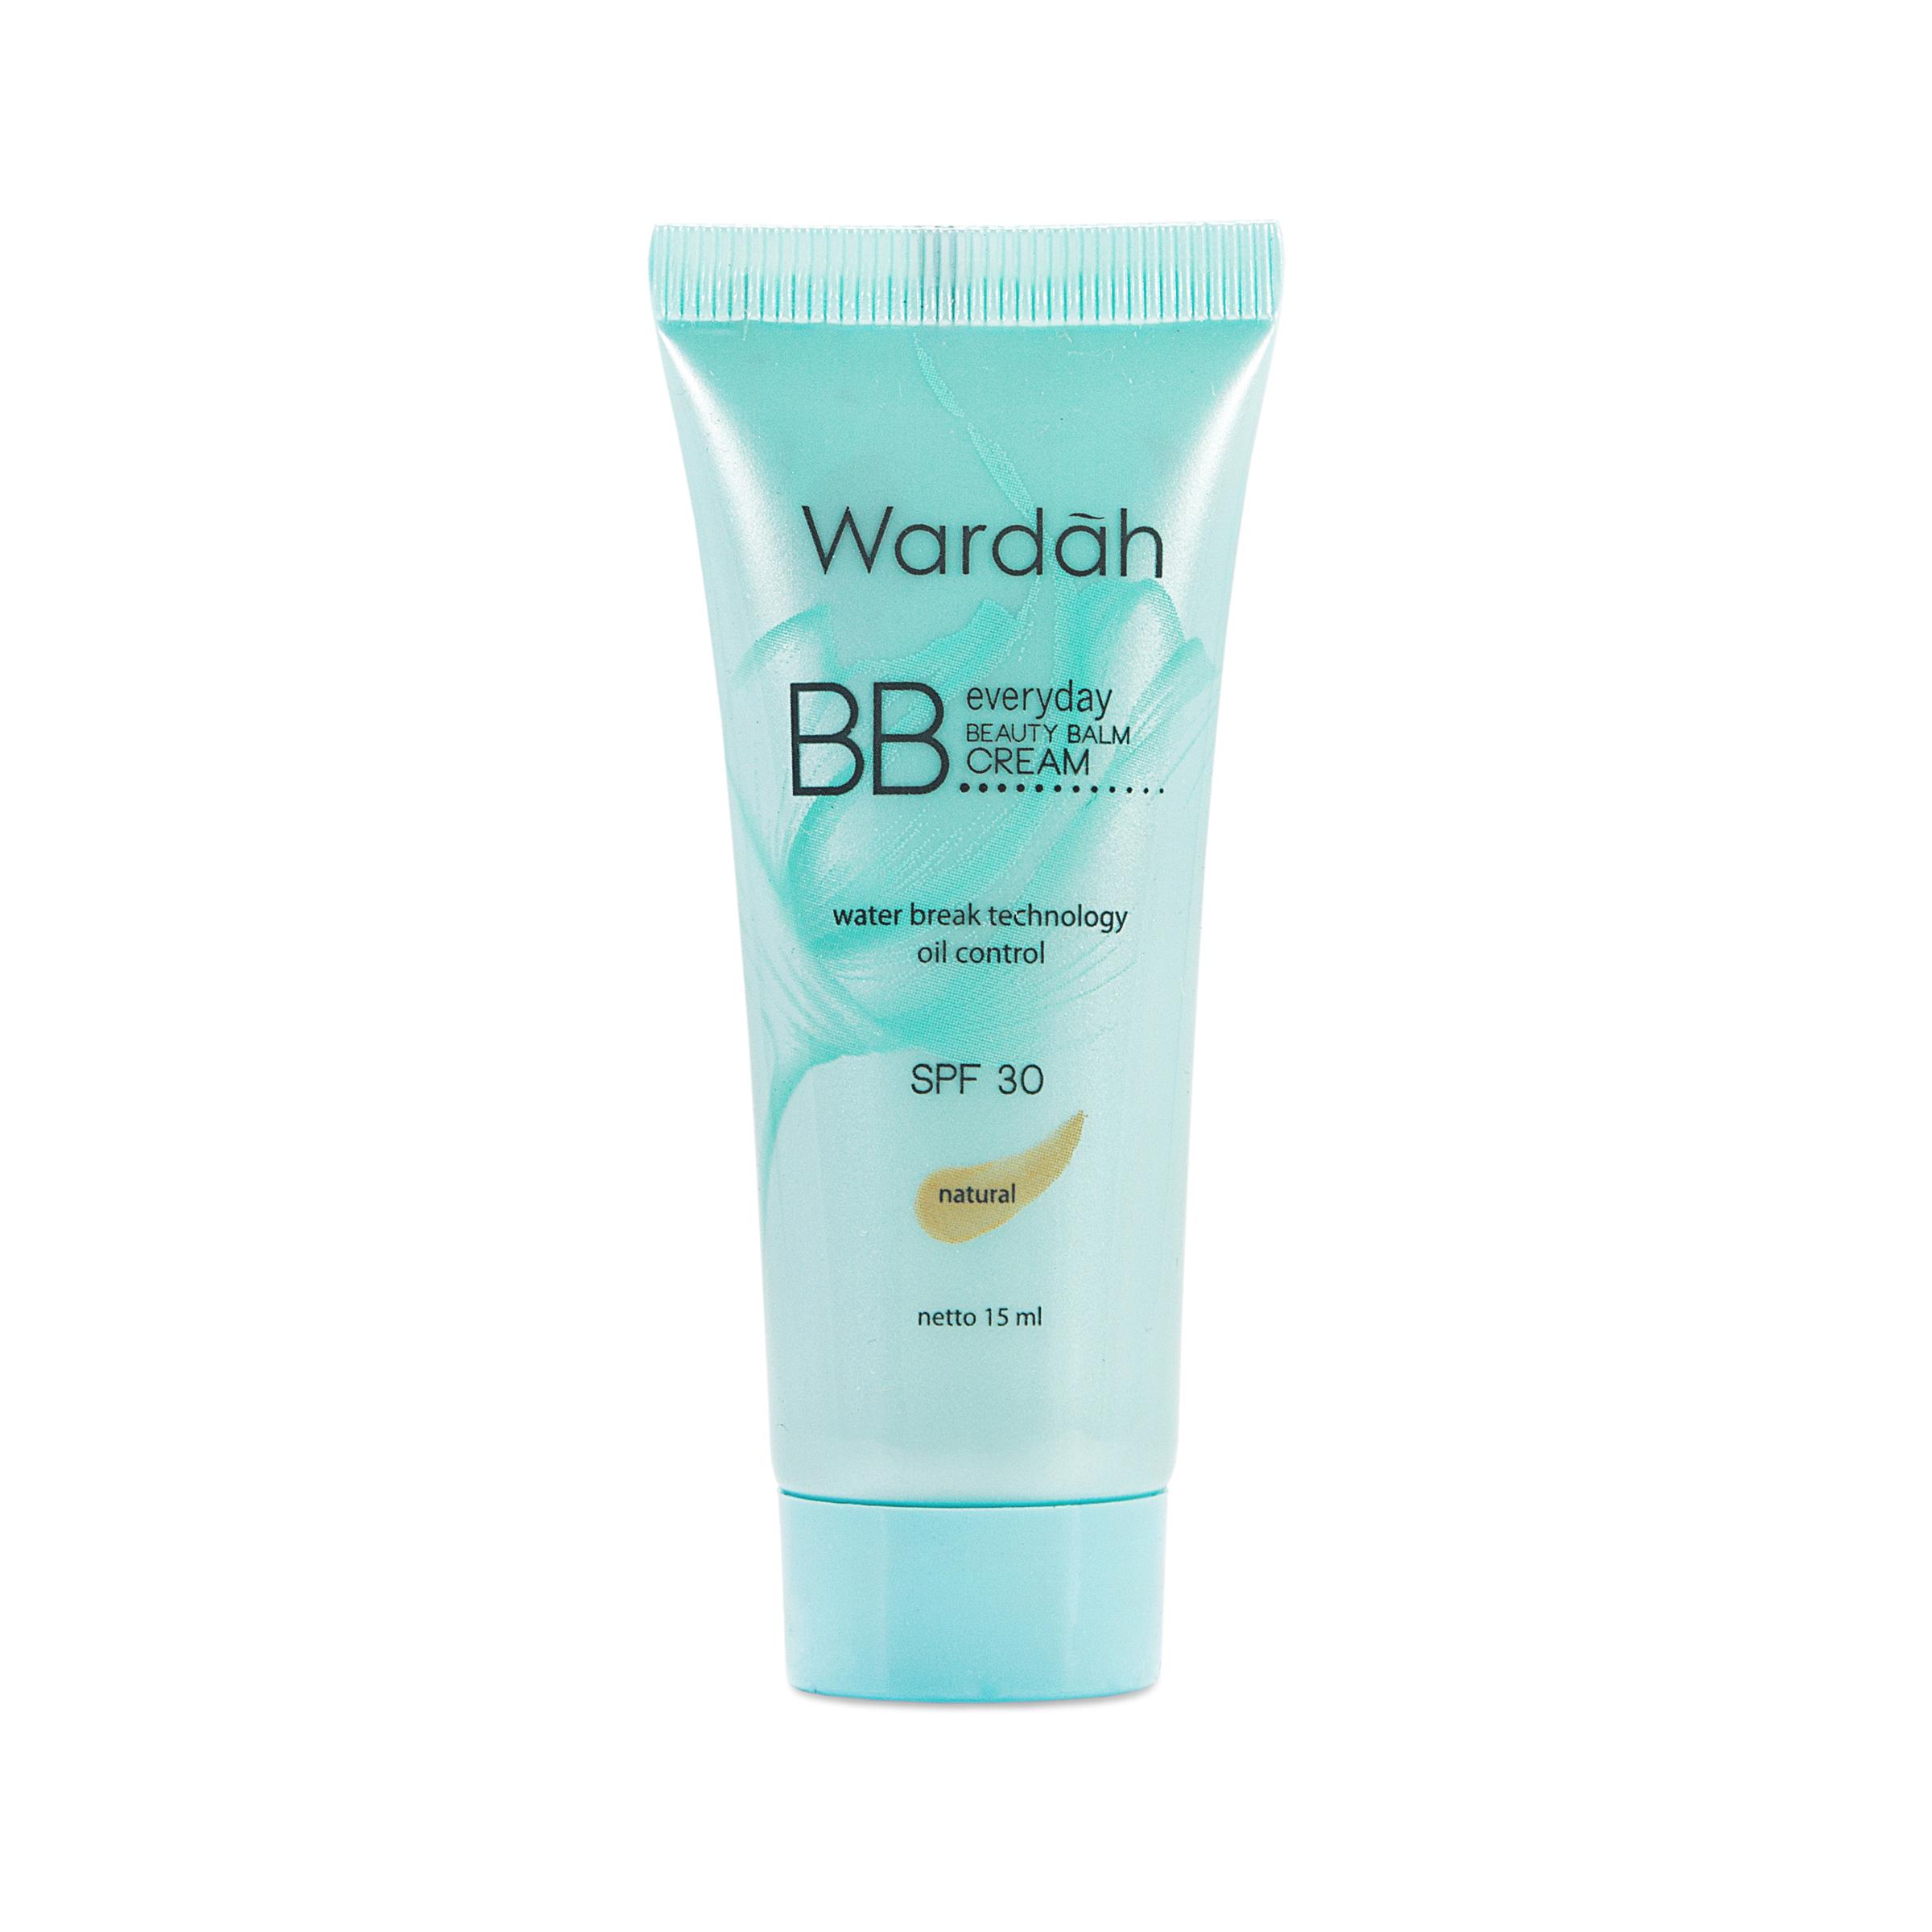 Wardah Everyday BB Cream Natural 15ml Gogobli